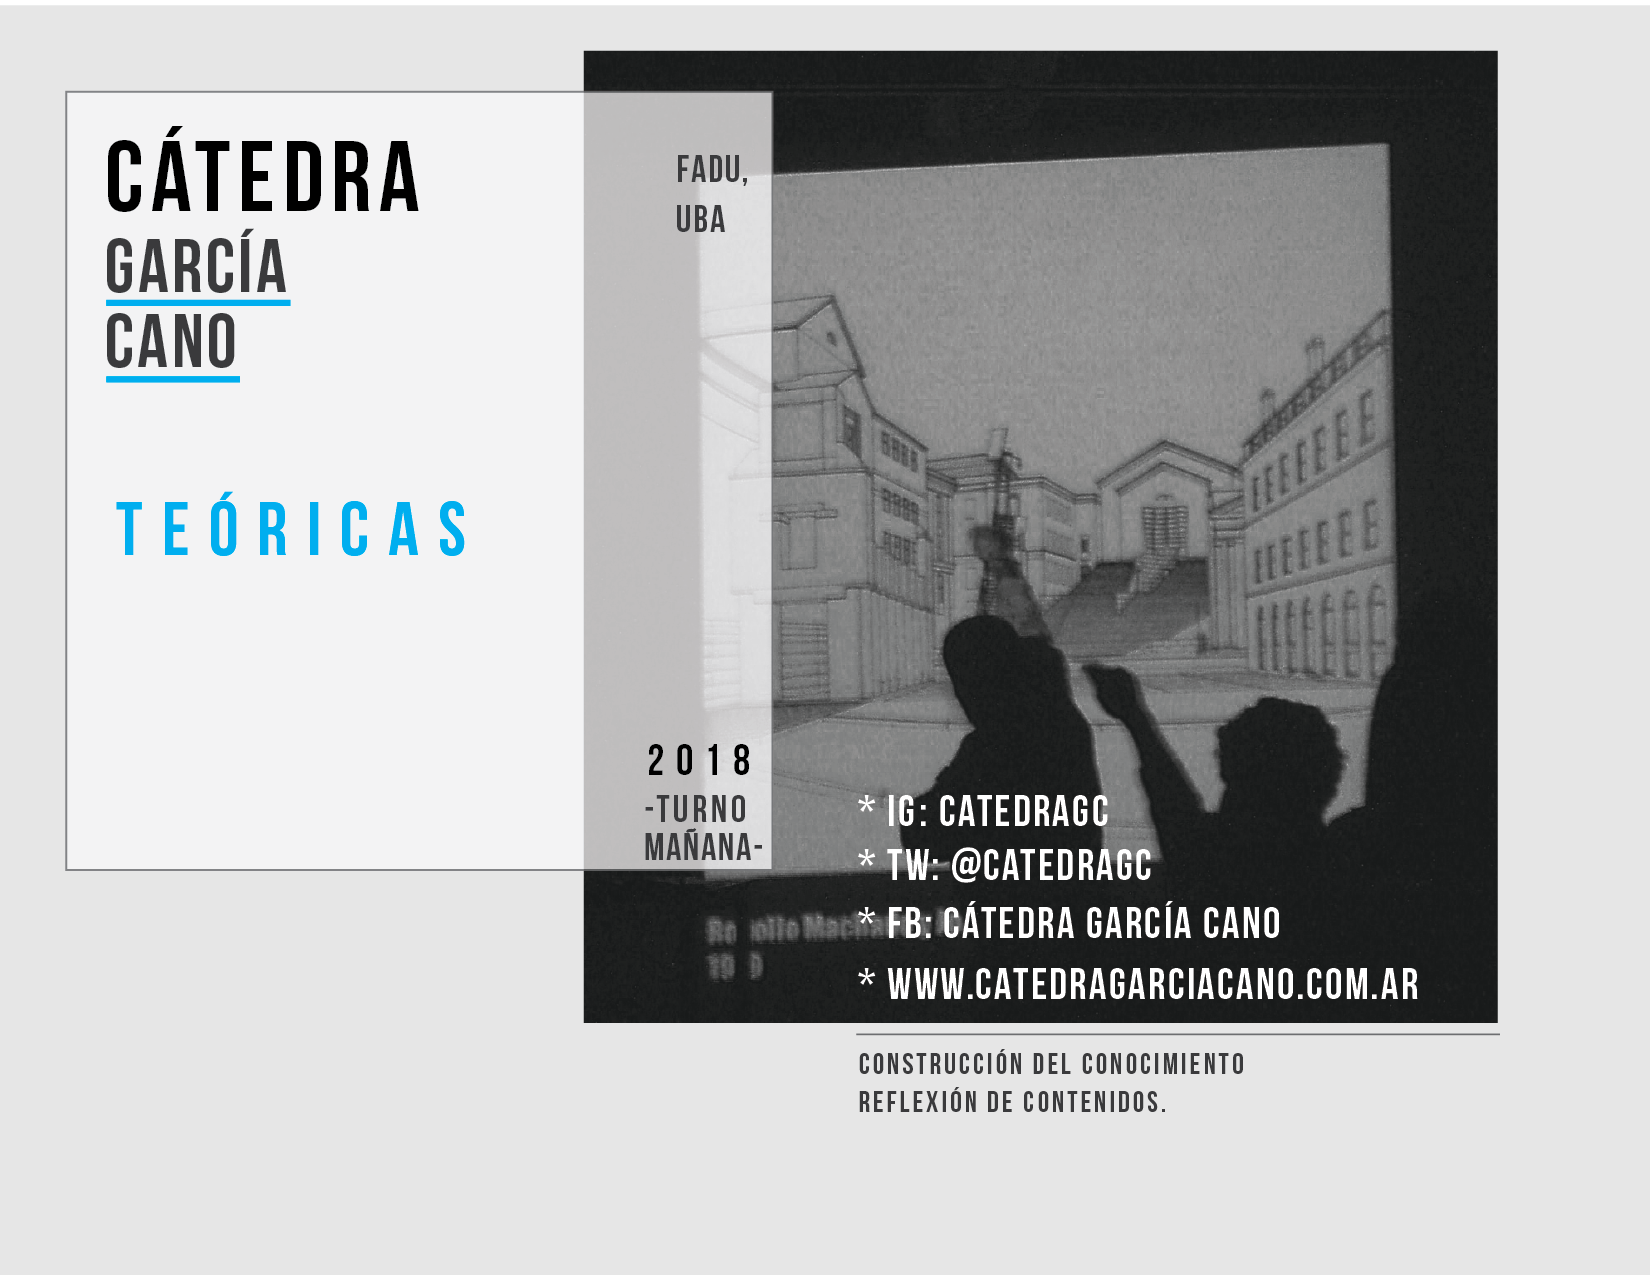 afiche-catedra-18_teoricas-01-08